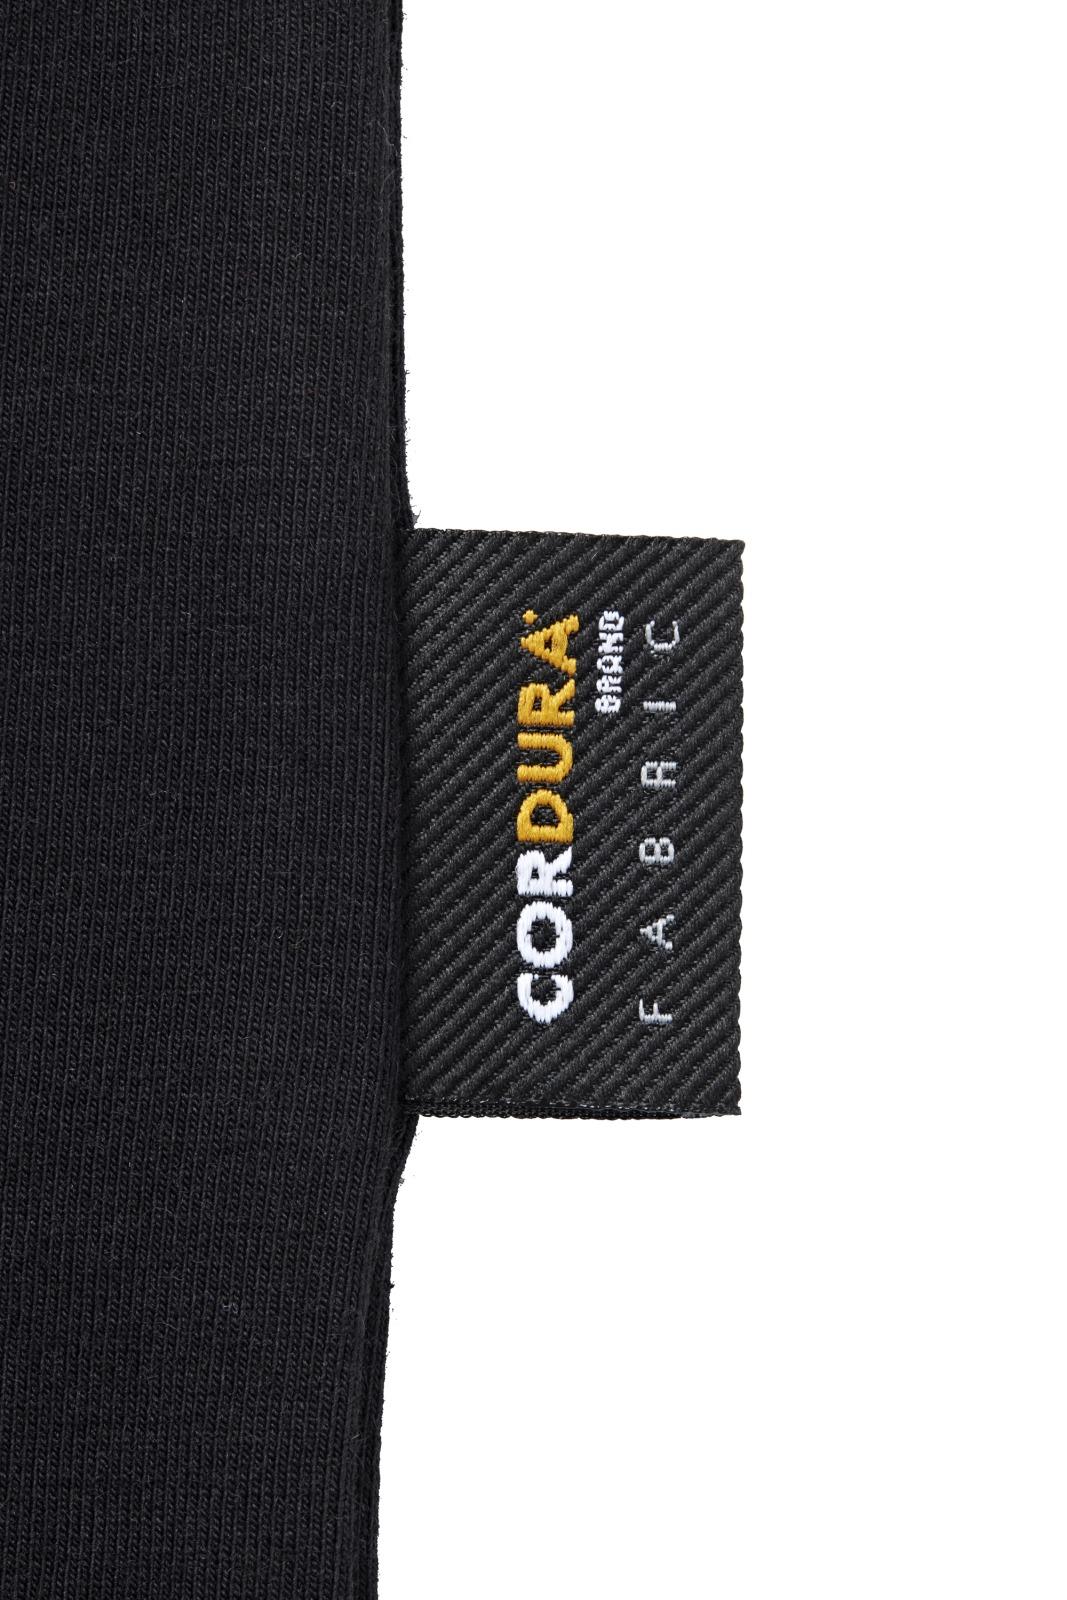 トライアングルノースリーブ(ブラック)ma1901061